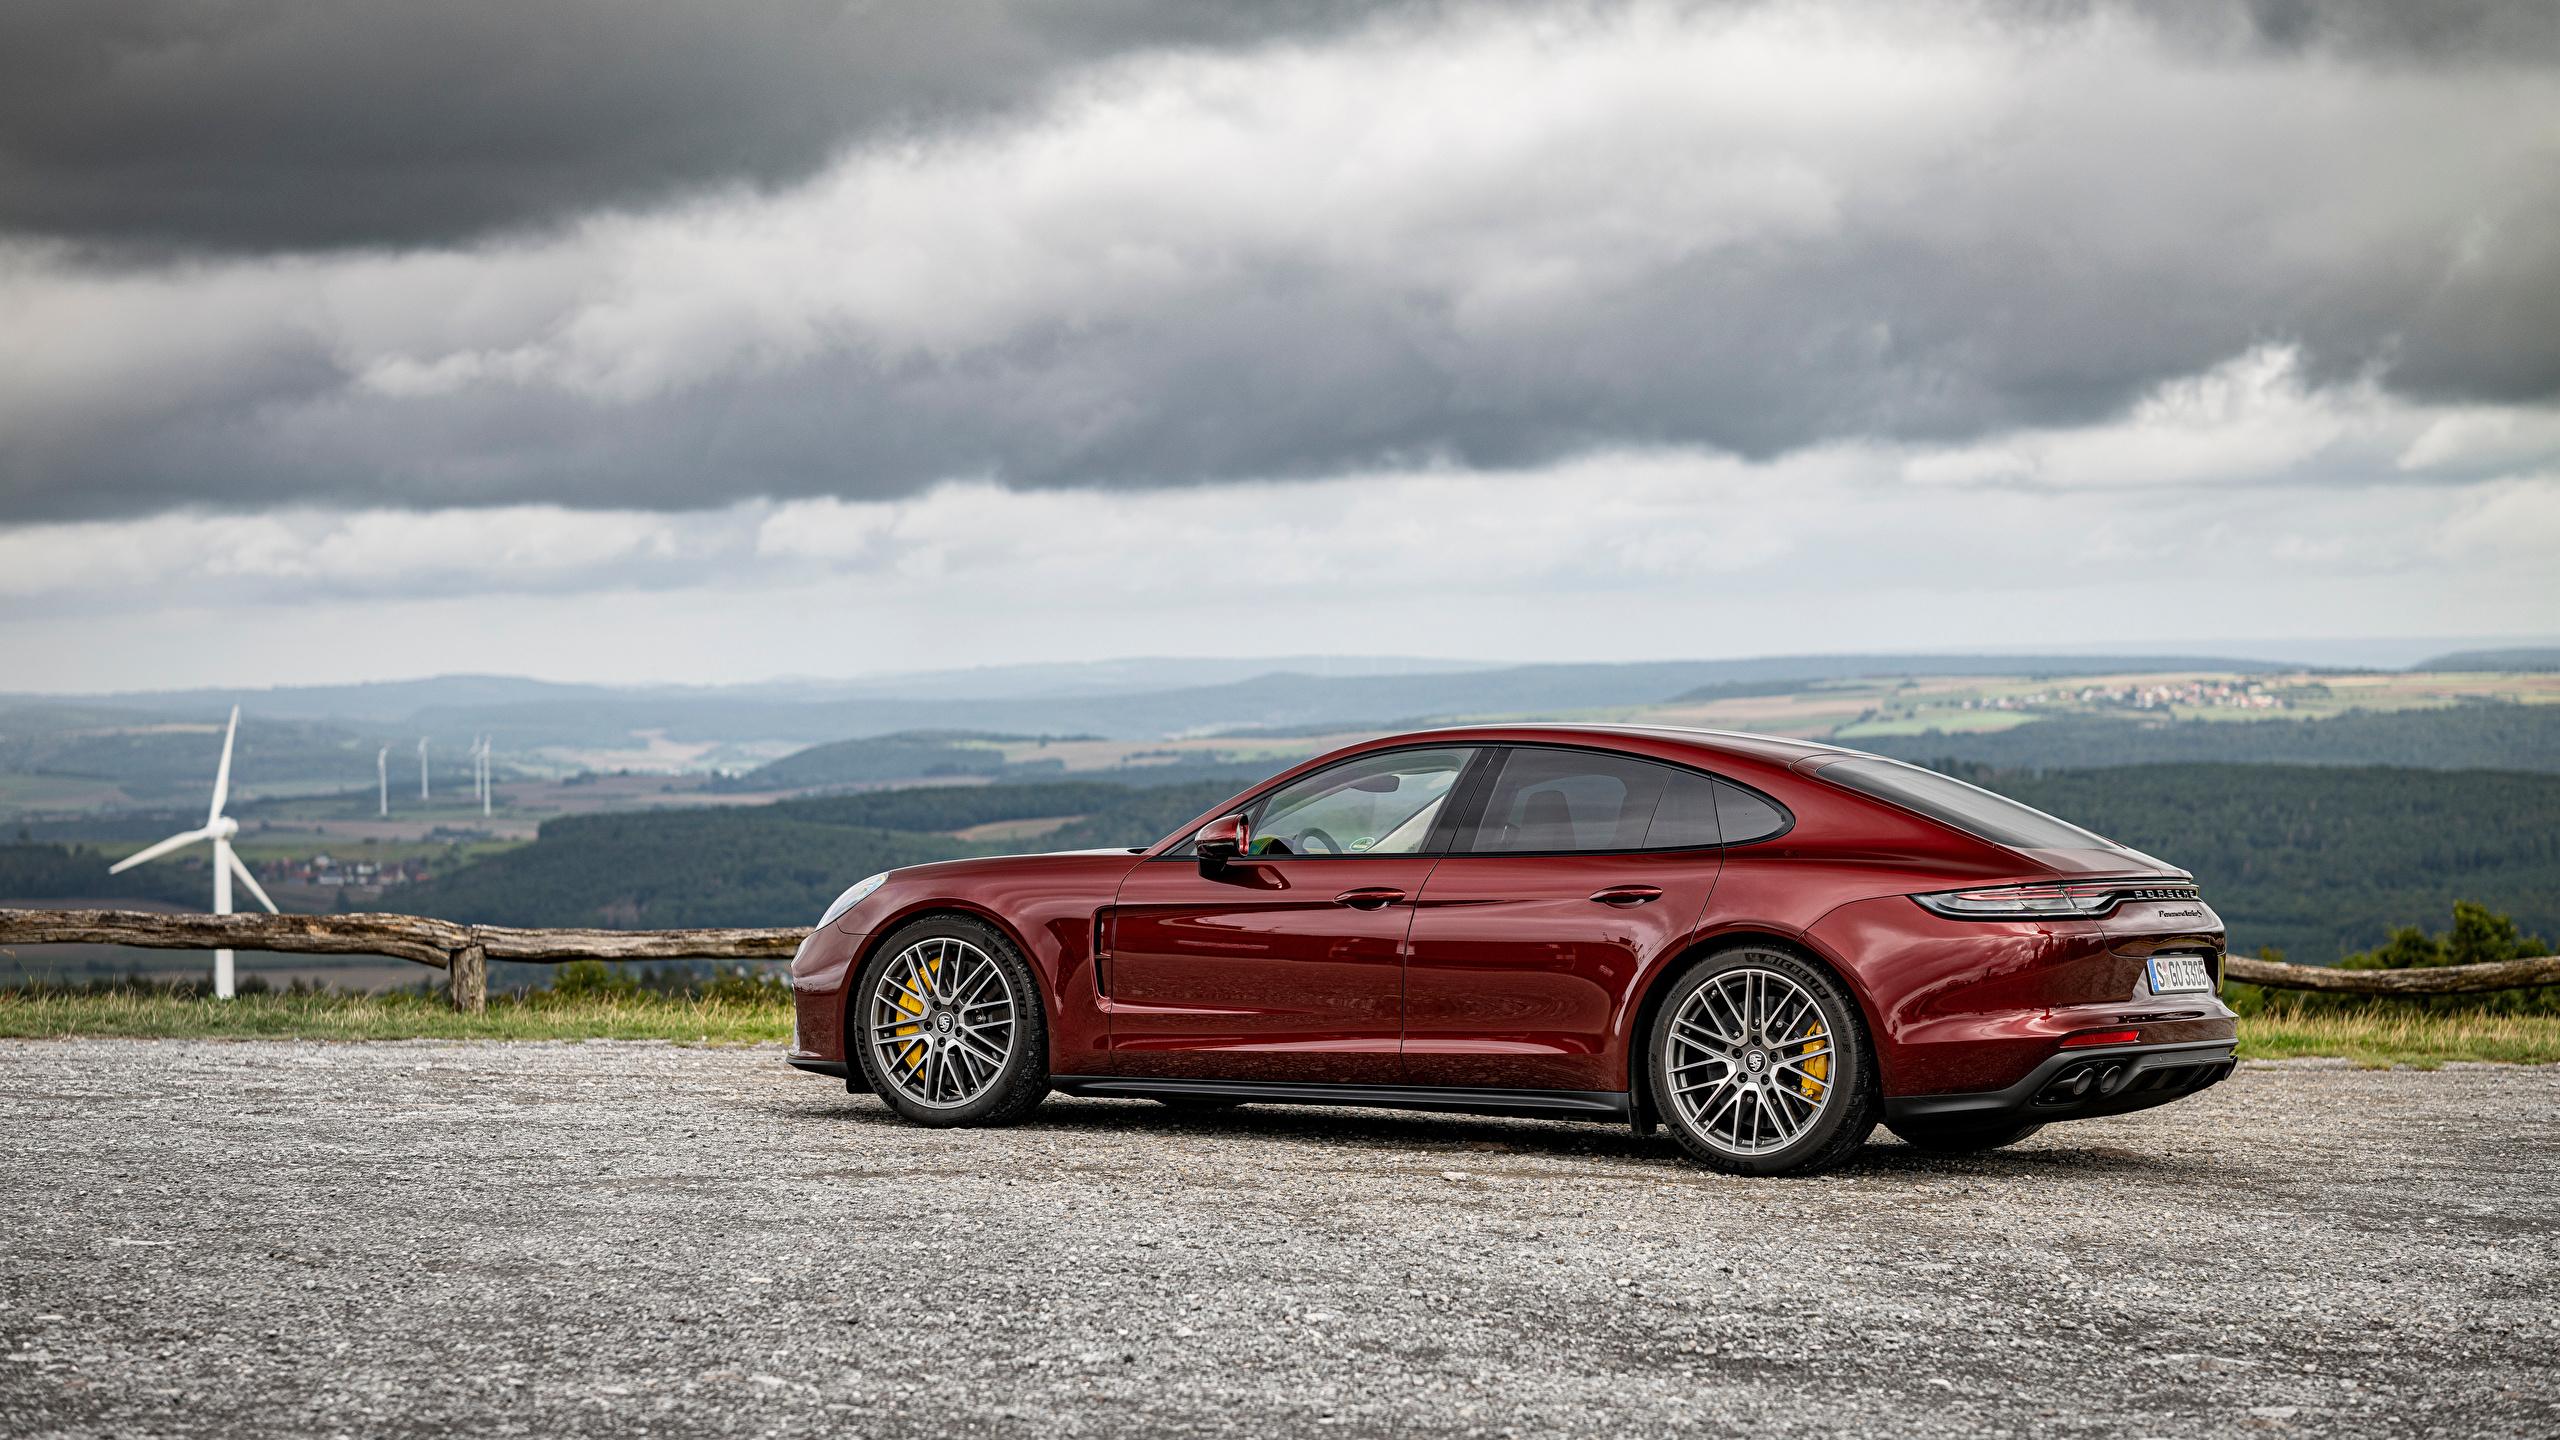 Картинки Порше Panamera Turbo S, (971), 2020 бордовые Металлик автомобиль 2560x1440 Porsche бордовая Бордовый темно красный авто машины машина Автомобили